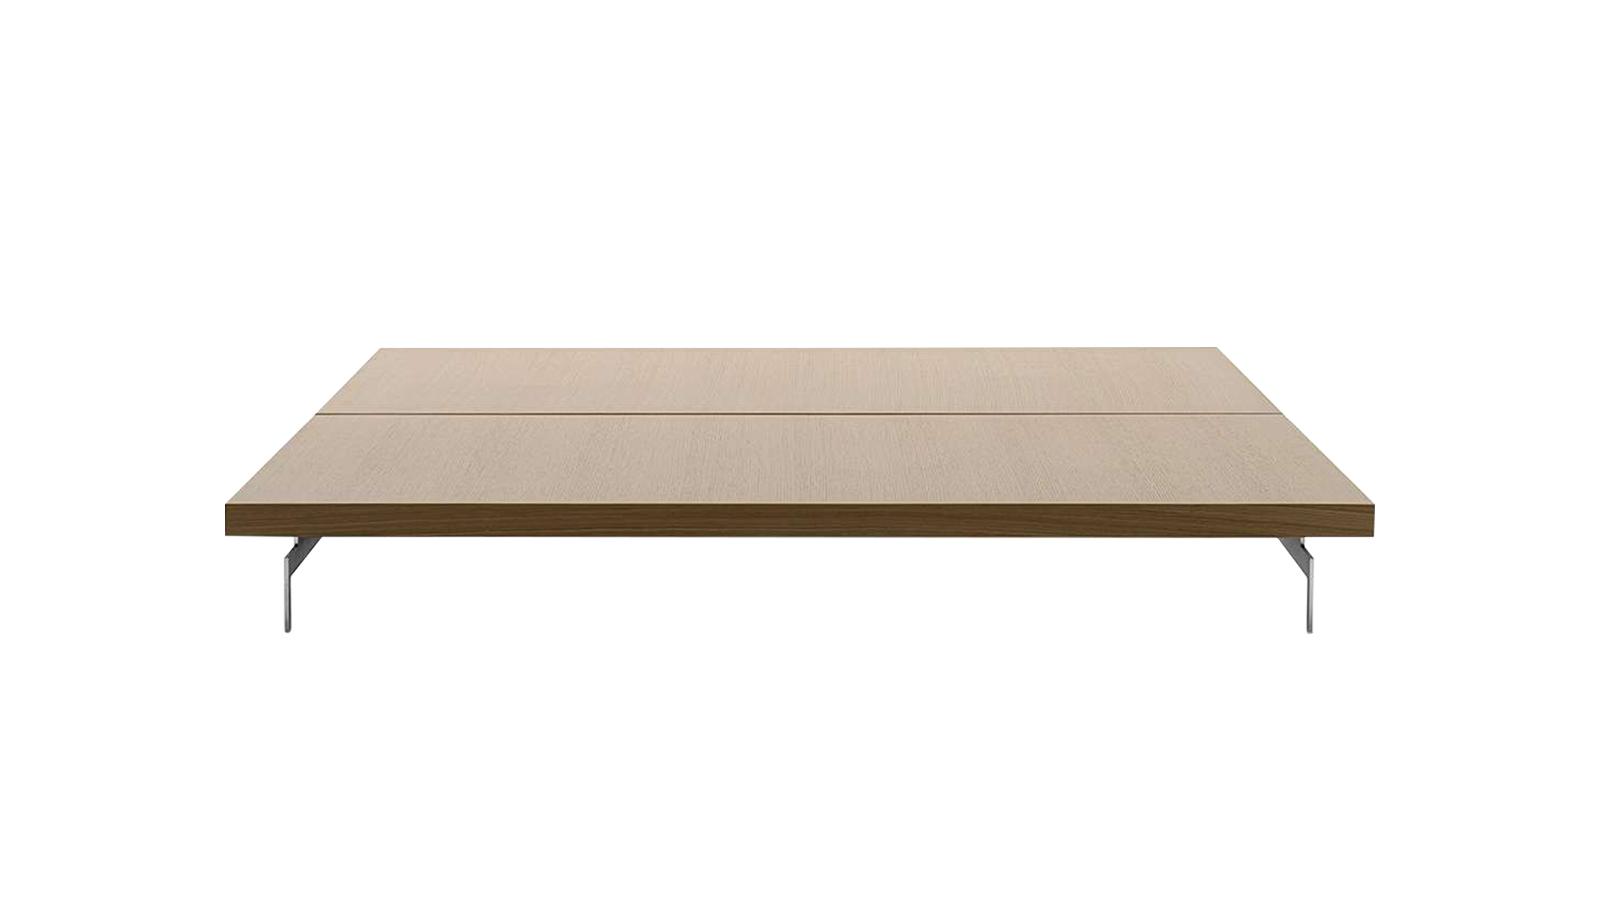 A Dock termékcsaládot a stabilitás jellemzi. Nem véletlen, hogy ez a dohányzóasztal is megingathatatlan, mely nemcsak erőteljes, kampószerű lábainak, hanem vastag, időtálló dió- és tölgyfából faragott asztallapjának is köszönhető. Remek kiegészítője az energikus, rendhítetlen bútoroknak.